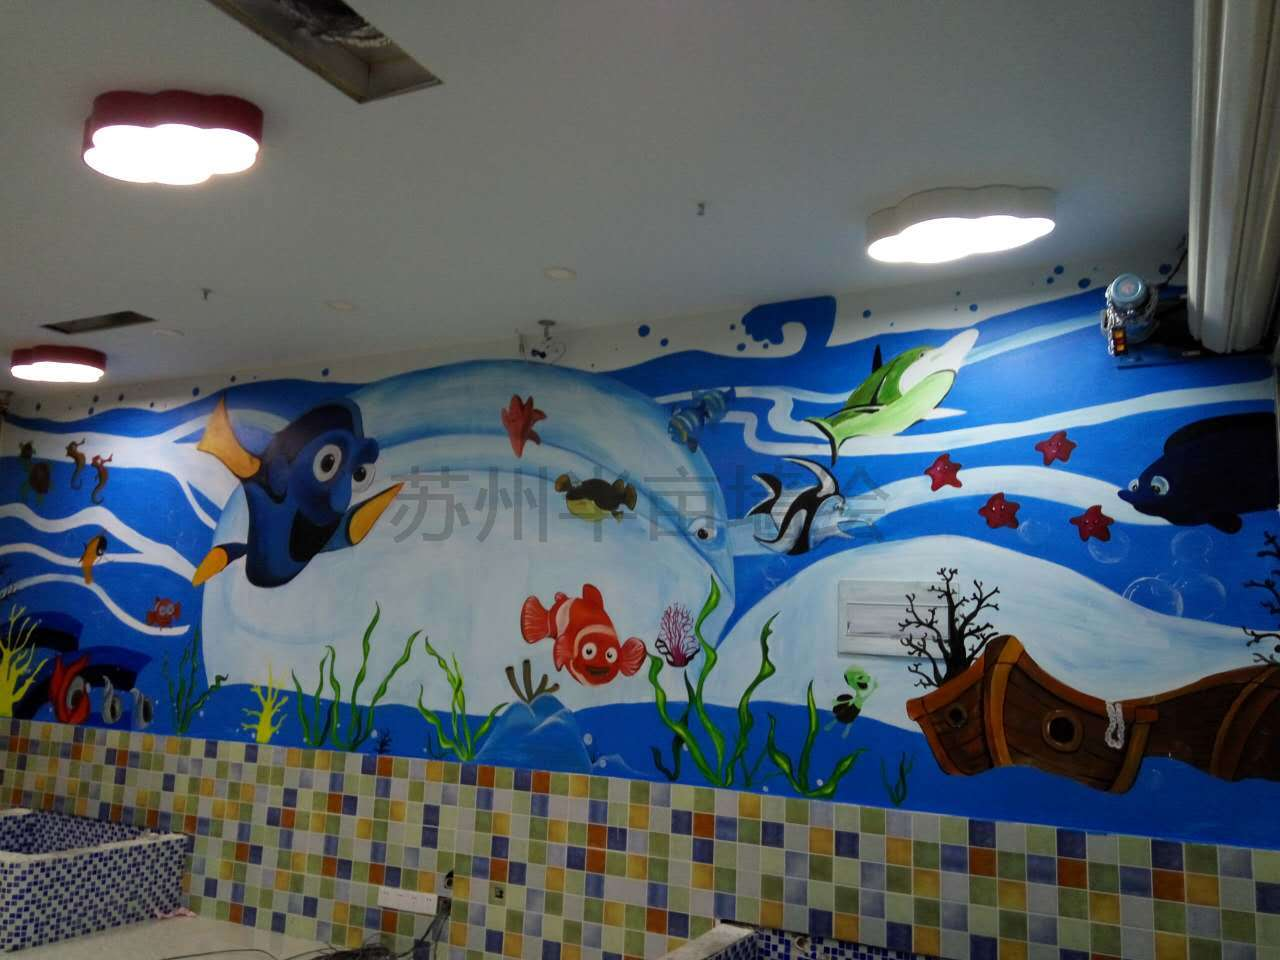 甪直海洋风格墙绘蓝色深海